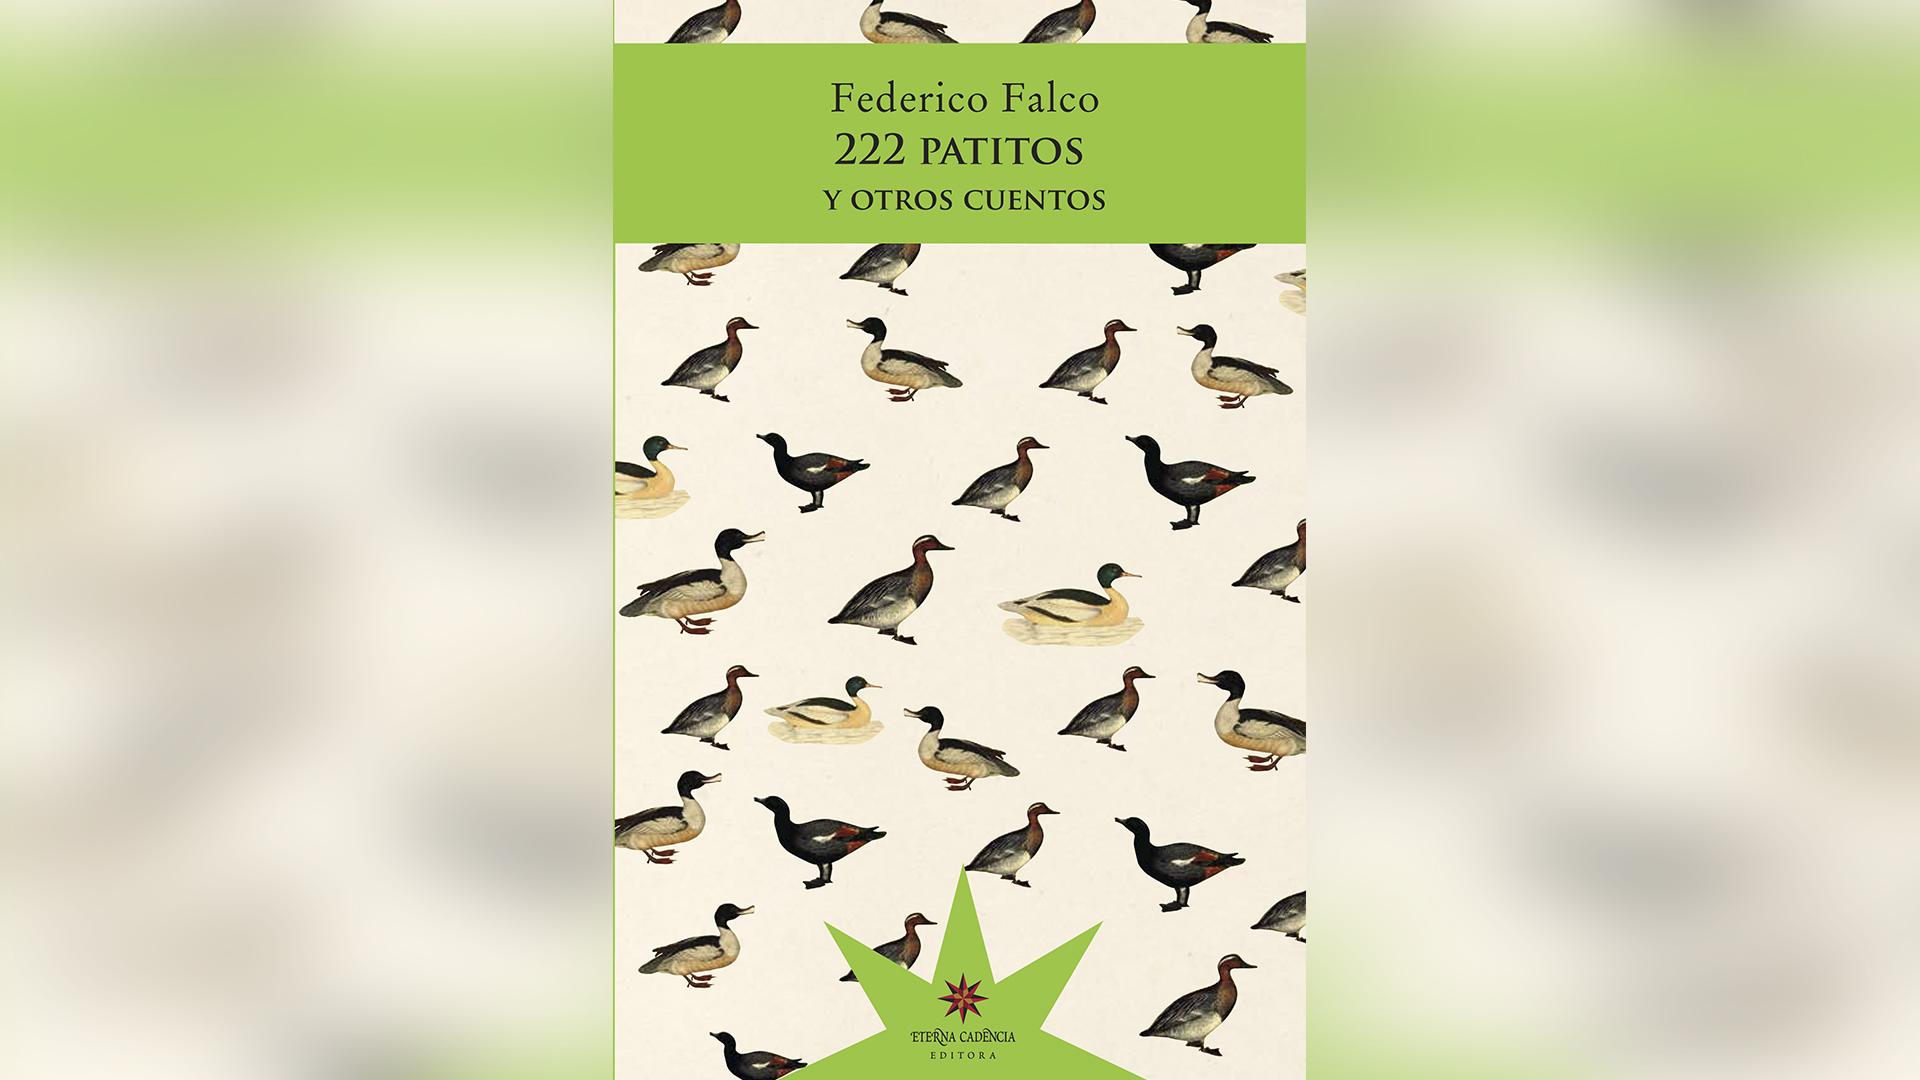 """De """"222 patitos y otros cuentos"""" (Eterna Cadencia), de Federico Falco"""